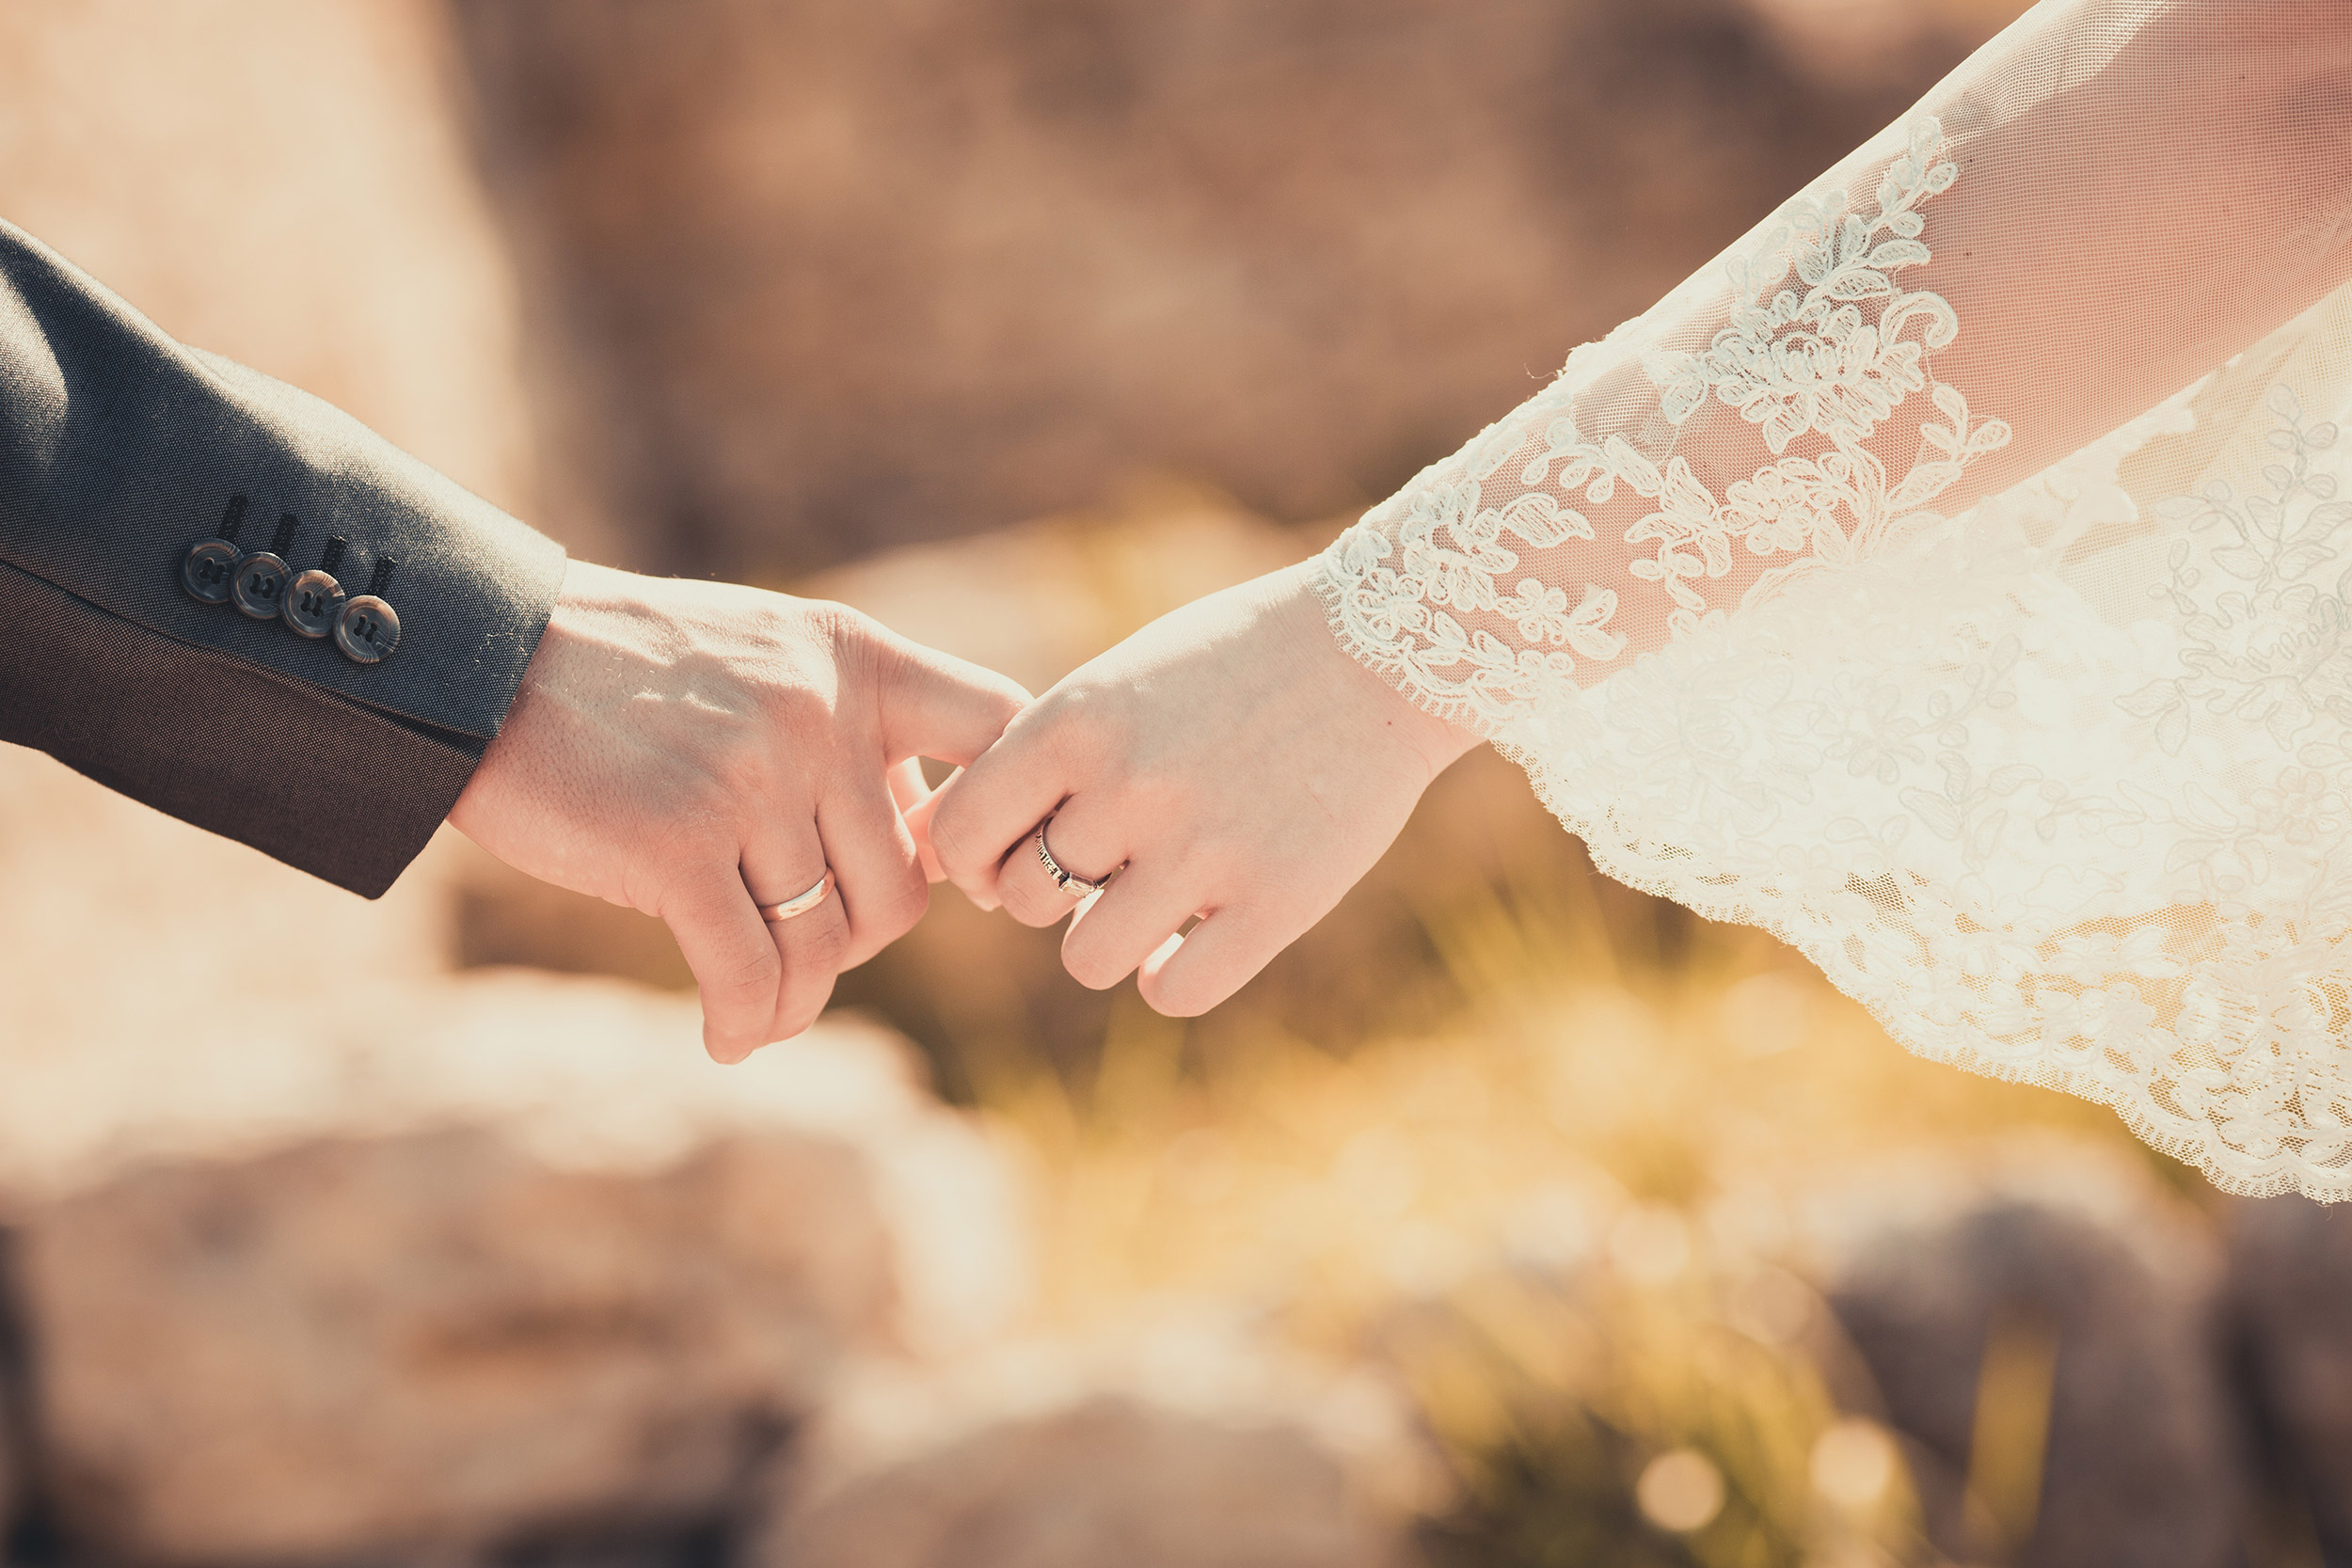 Trauung Und Goldene Oder Diamantene Hochzeit Evangelische